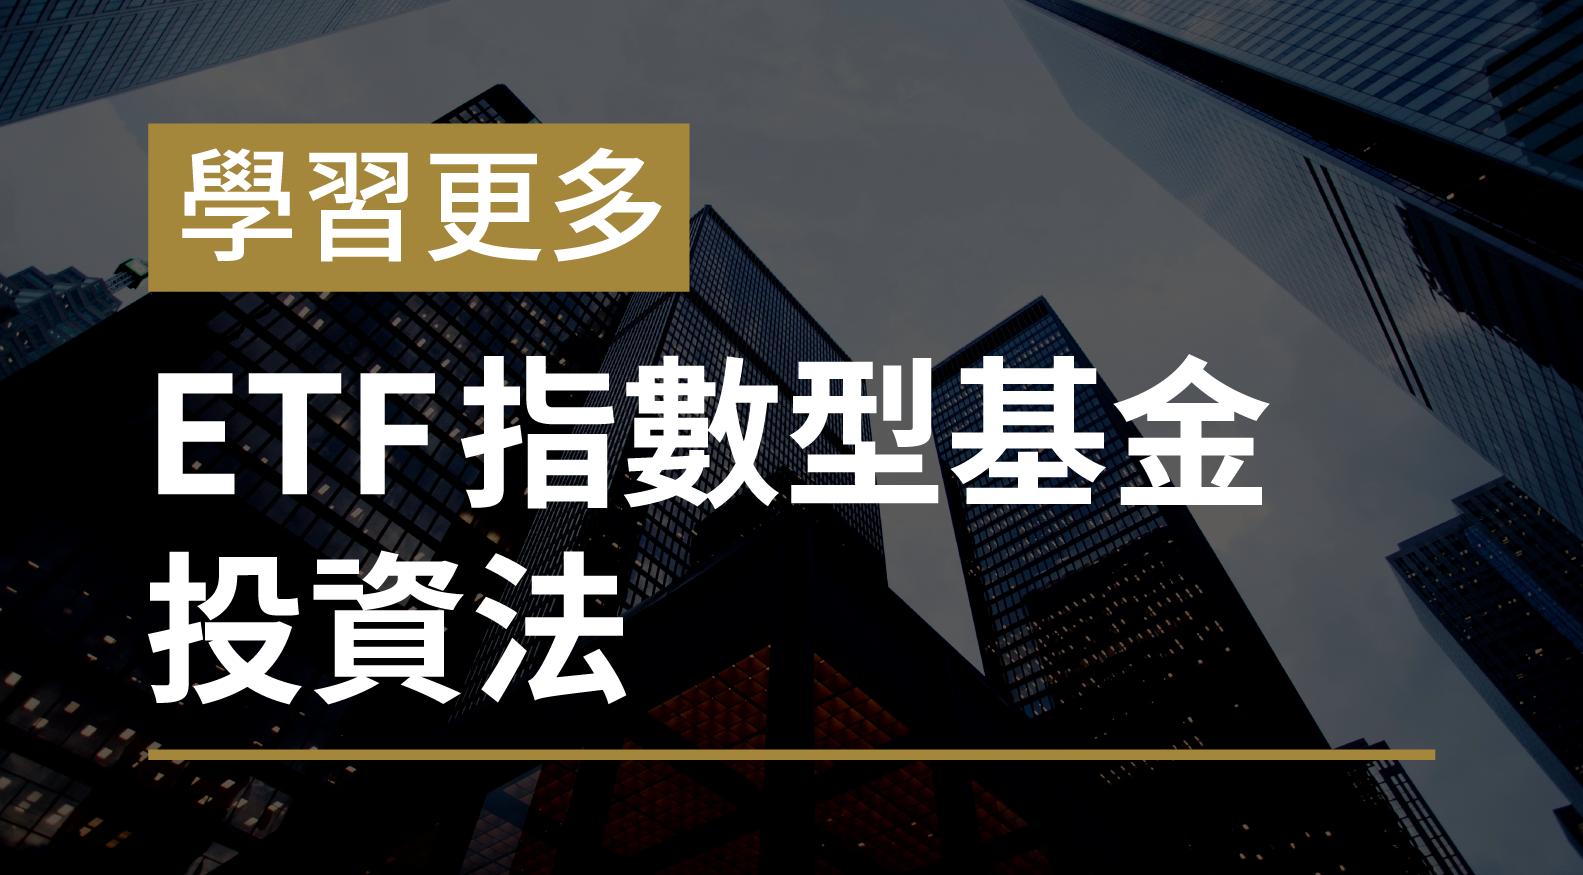 5.【BOS 學習更多2】ETF 指數型基金投資法 2021.08.28更新 (7h35m50s)